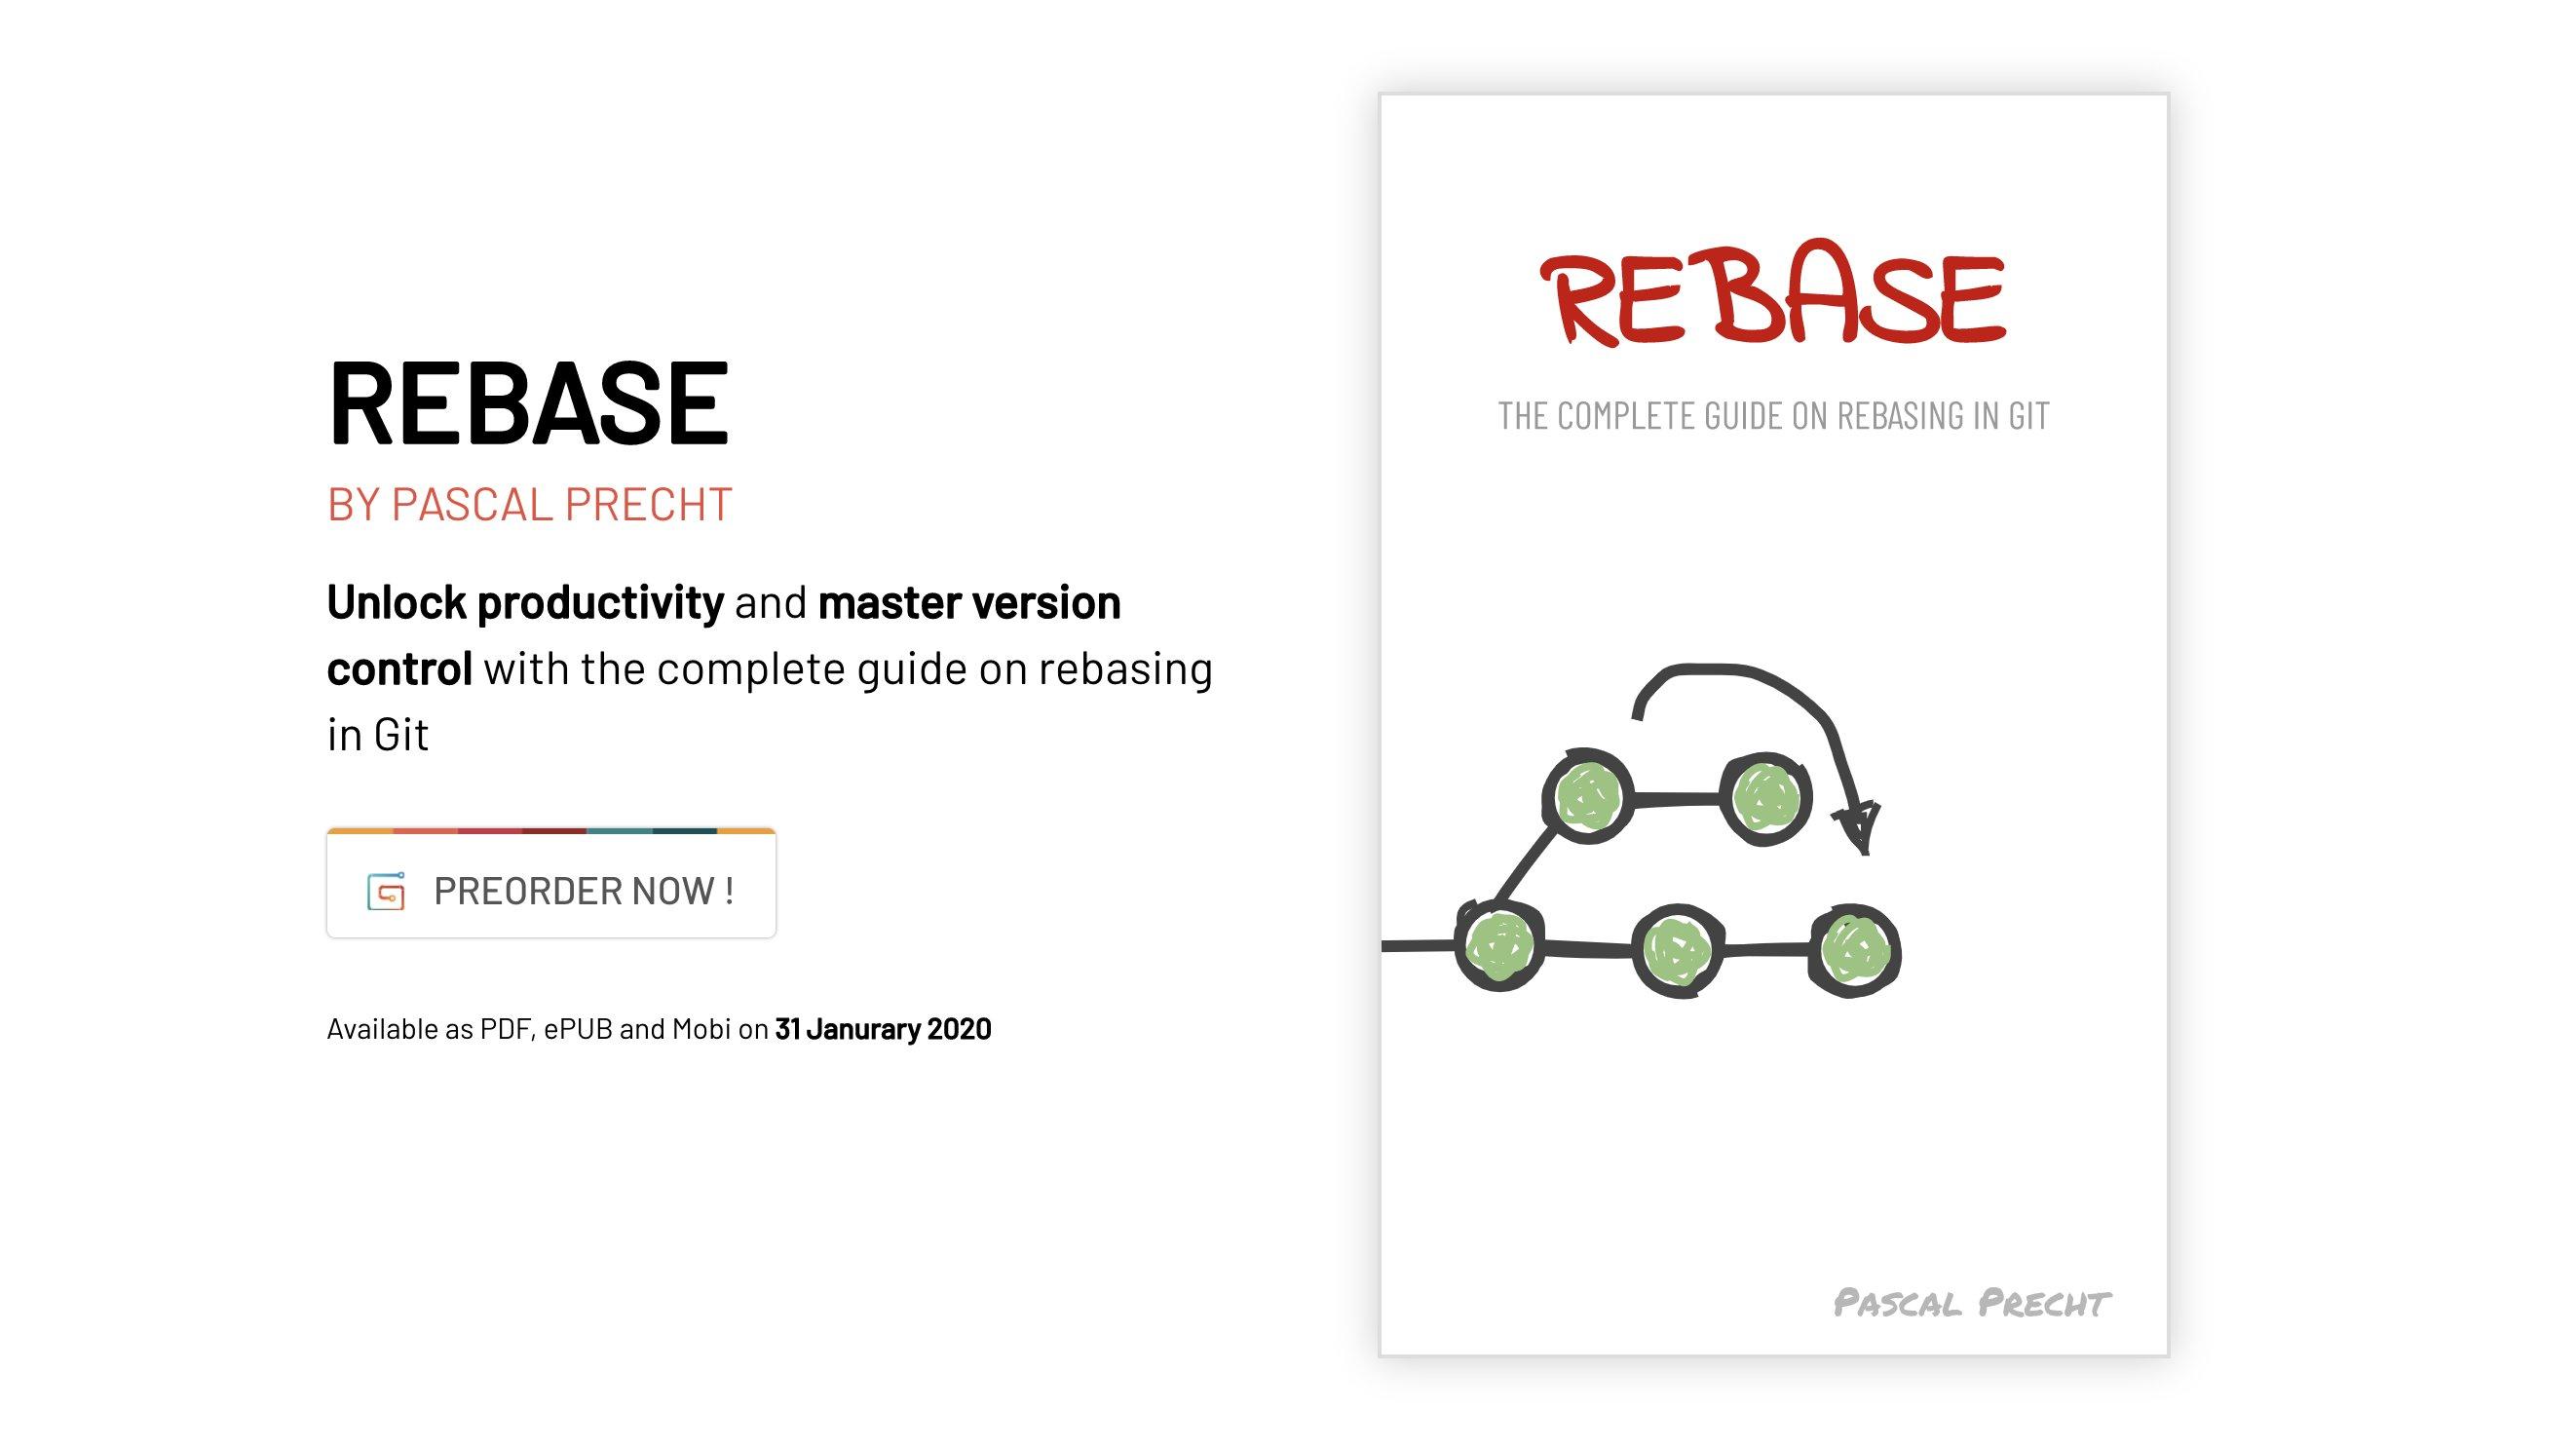 Rebase Book ad